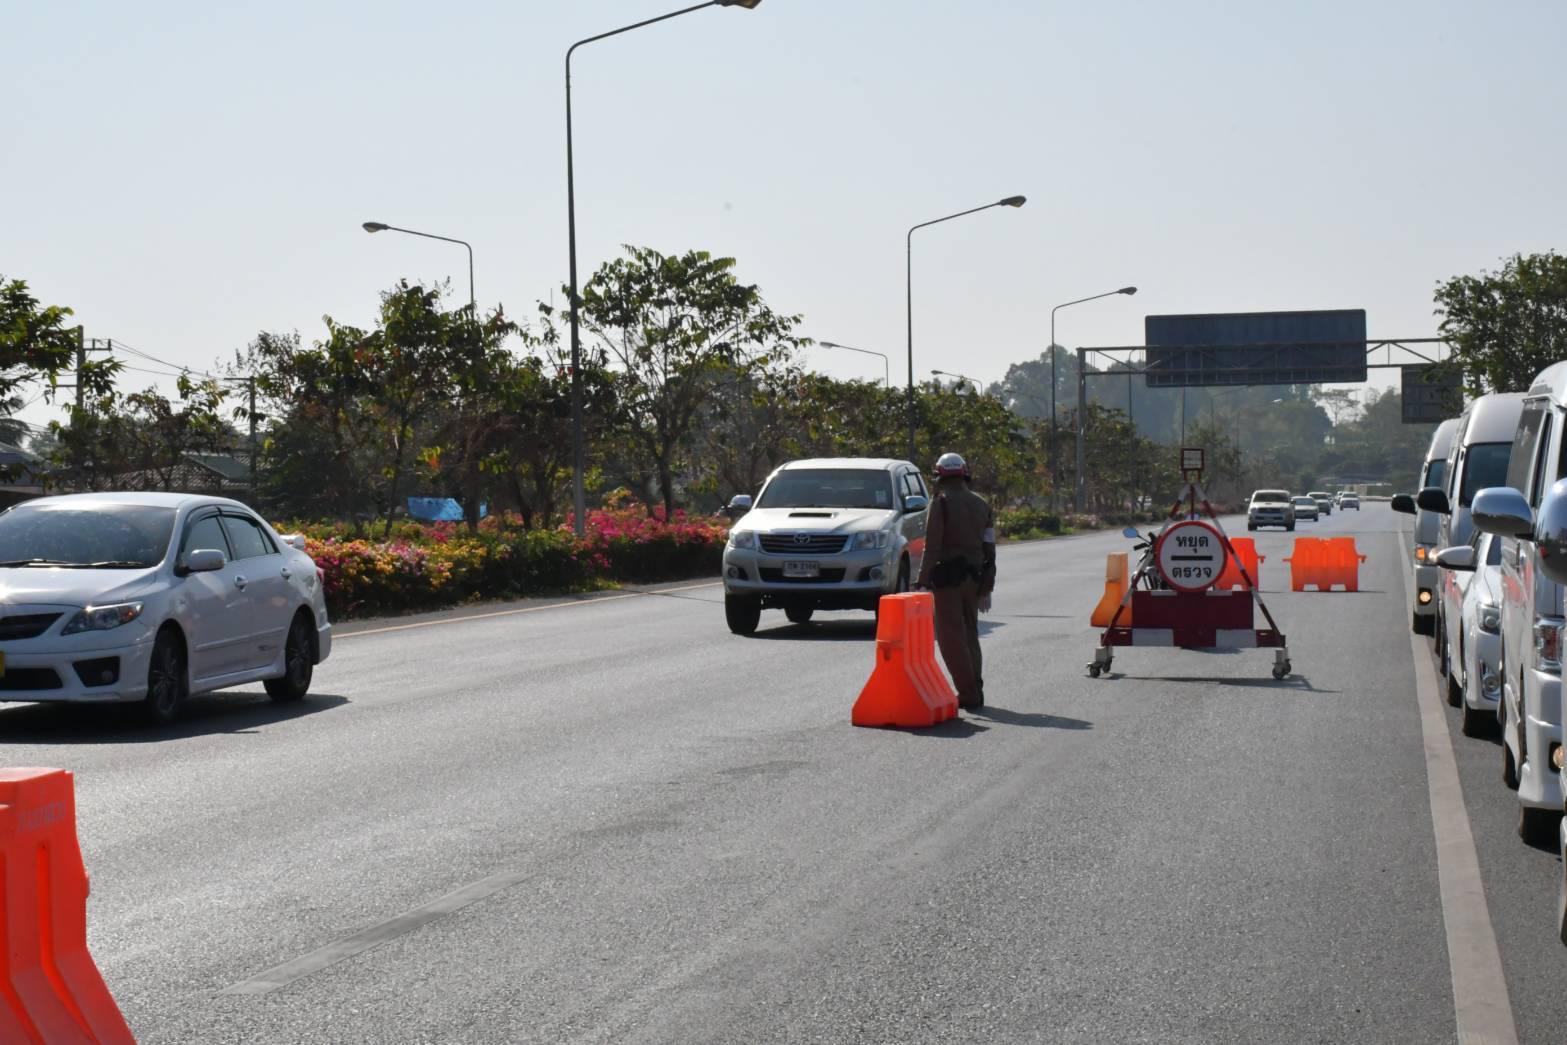 """""""อนุทิน"""" เผยข้อมูลอุบัติเหตุส่วนใหญ่ดื่มแล้วขับ 40% ขอคนไทยเที่ยวปีใหม่อย่างปลอดภัย"""